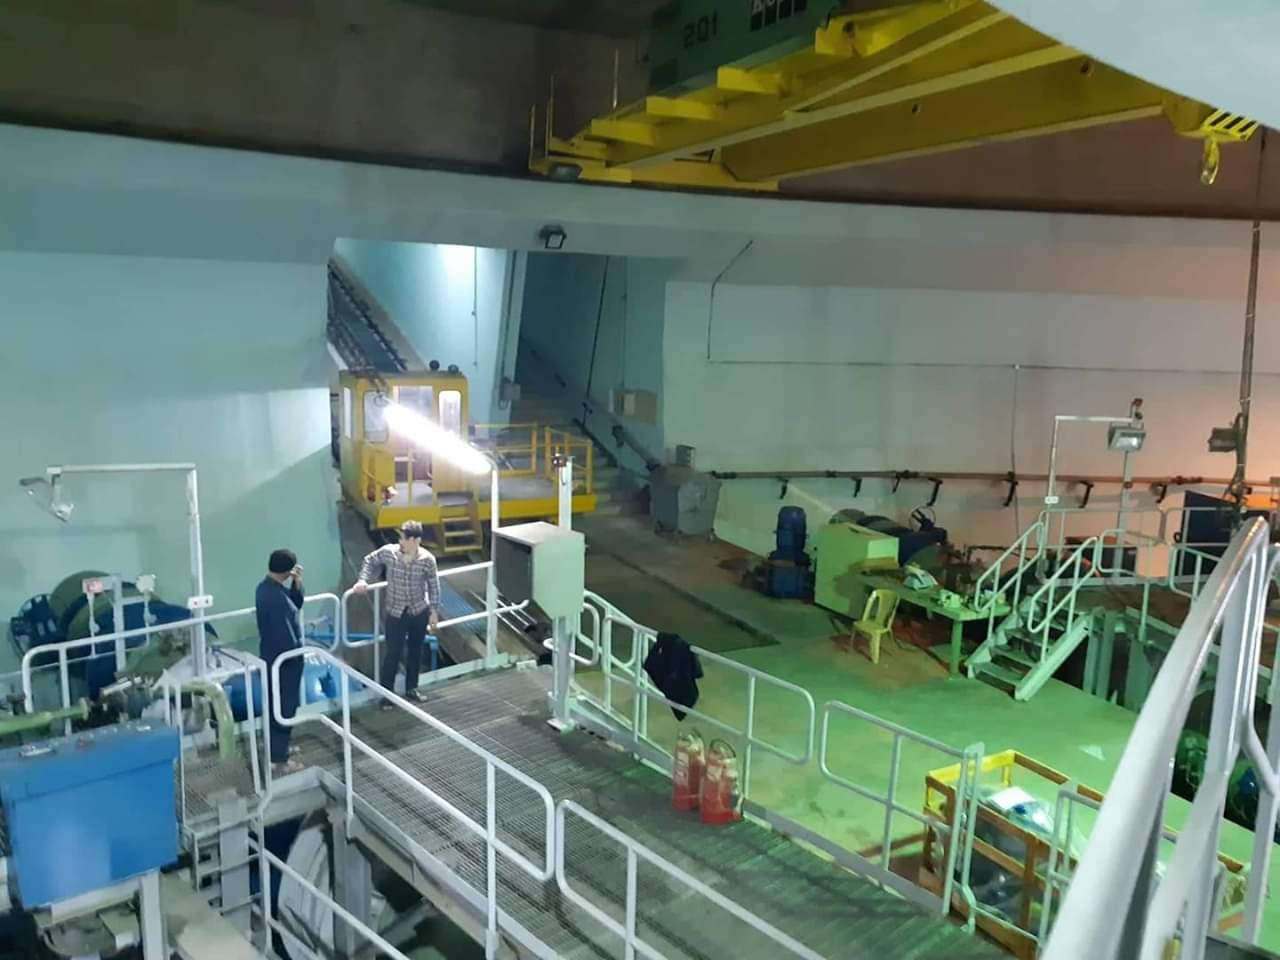 صورة محطة ضخ مشروع ري الجزيرة تعود للعمل